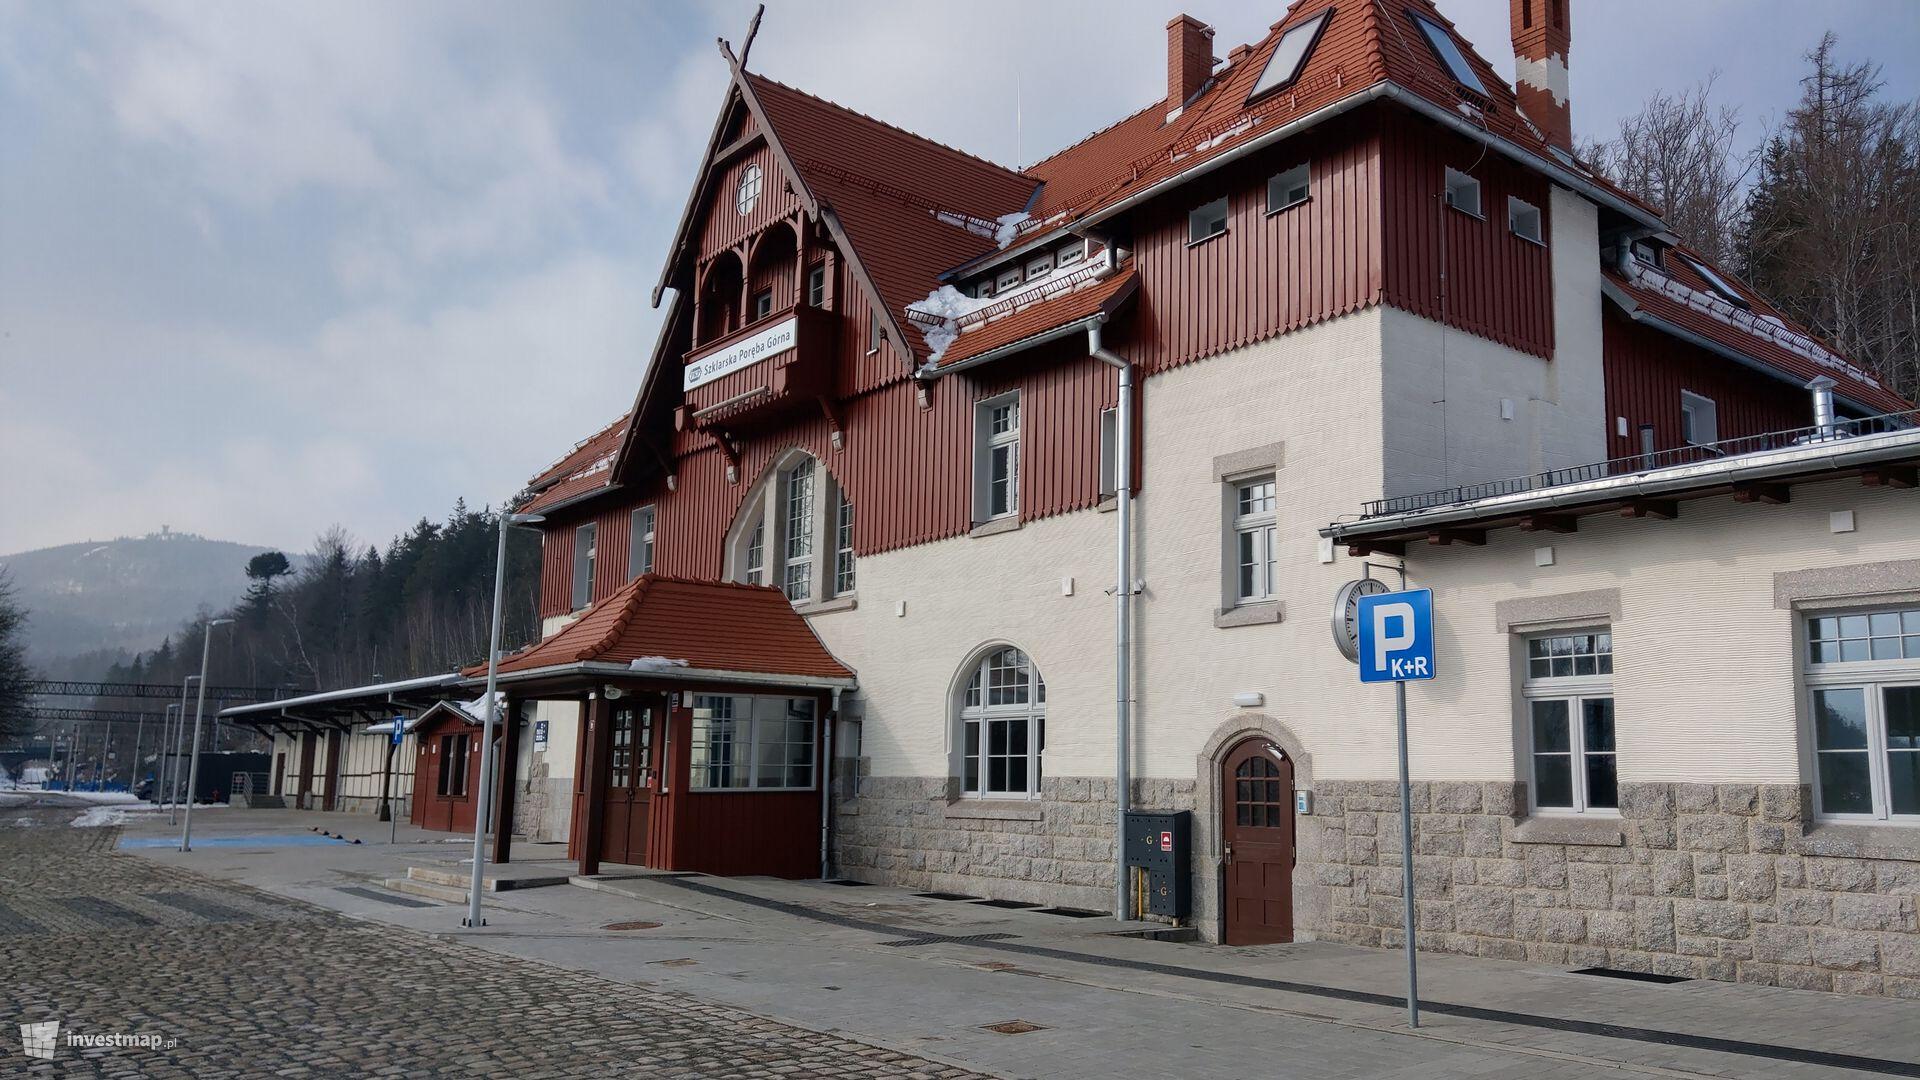 Dworzec kolejowy w Szklarskiej Porębie Górnej